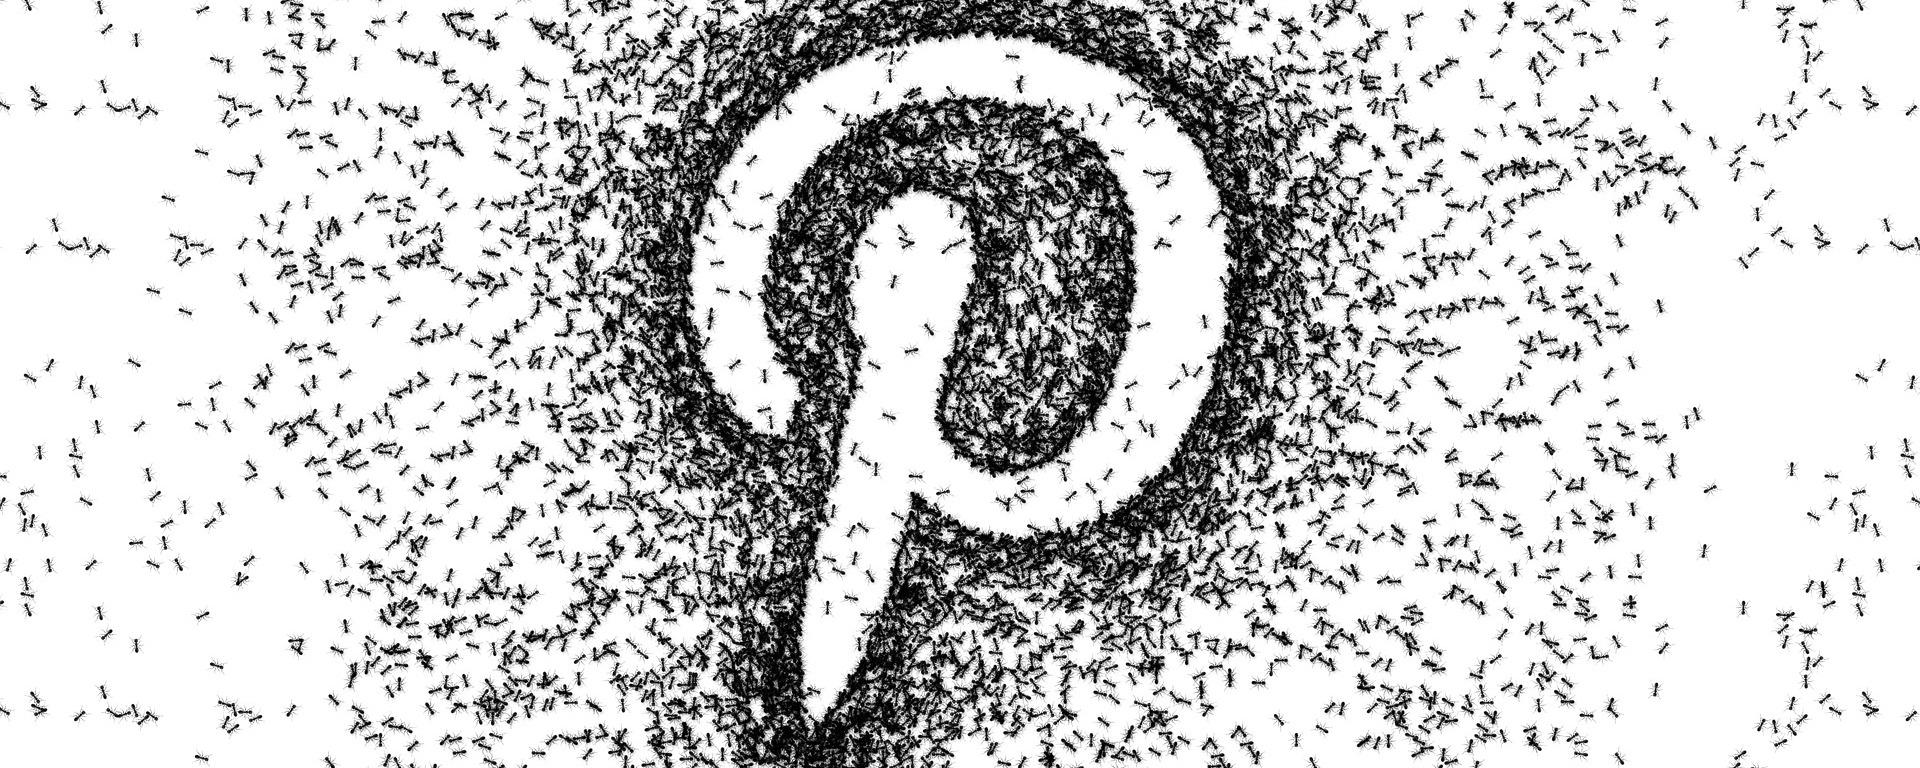 comment passer de 0 à 200 000 vues sur pinterest sans payer